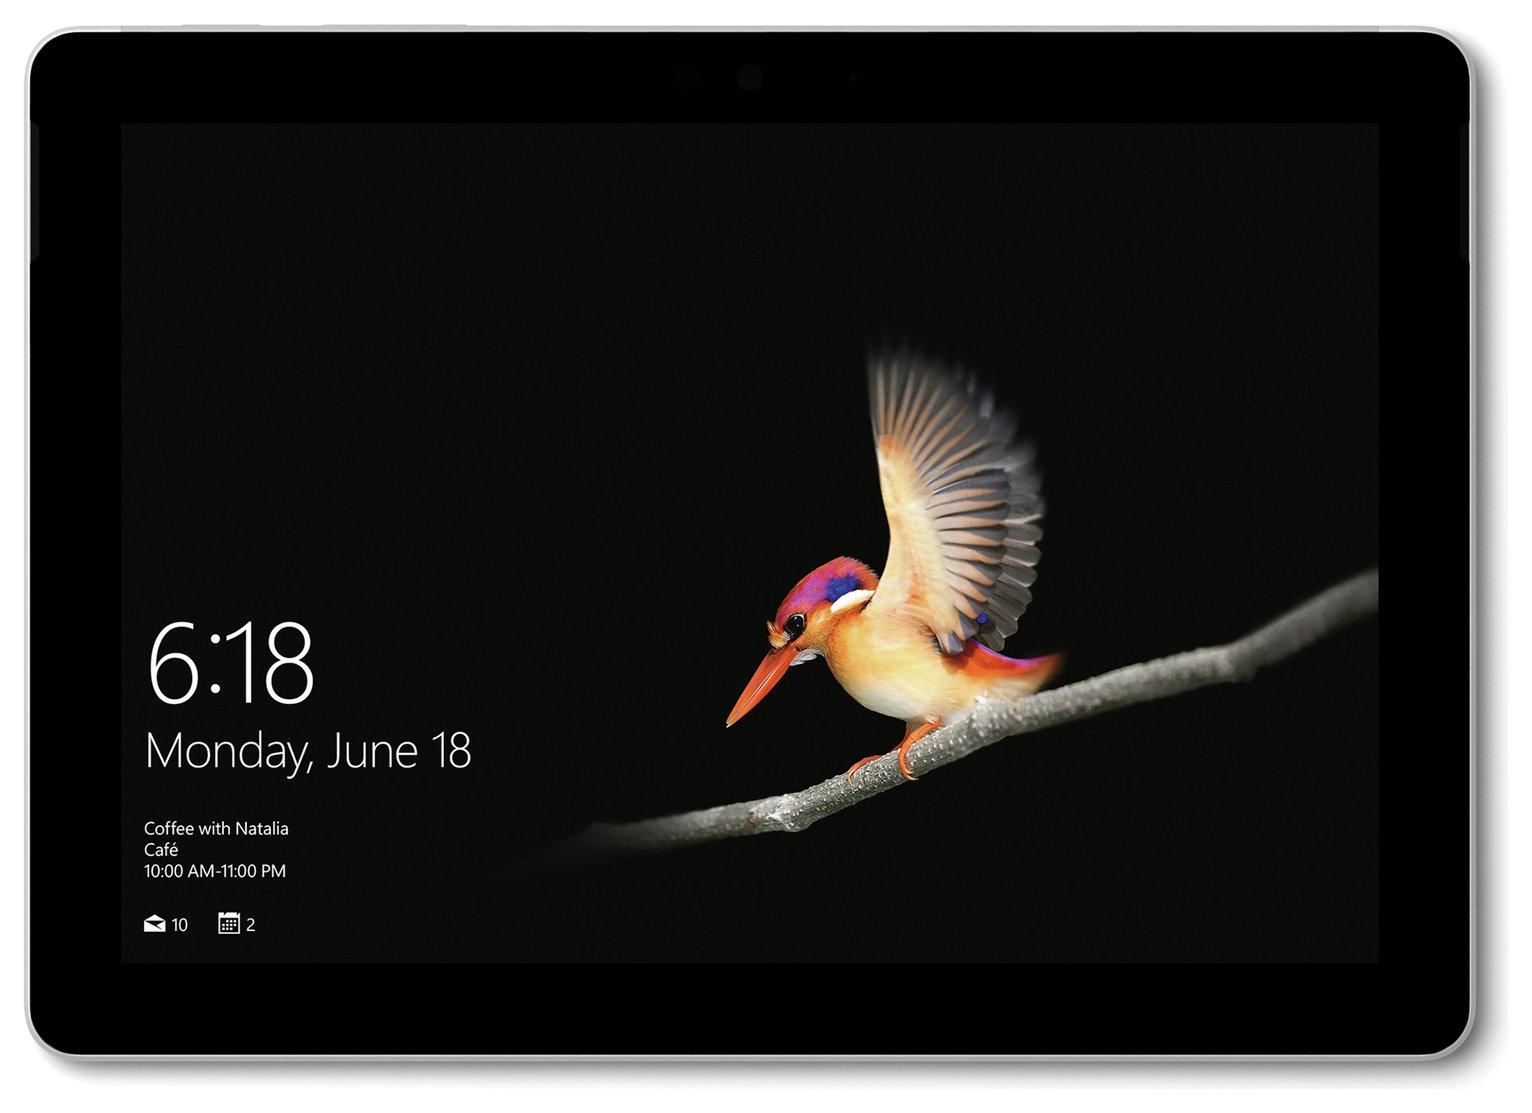 Microsoft Surface Go 10 Inch Pentium 4GB 64GB 2-in-1 Laptop